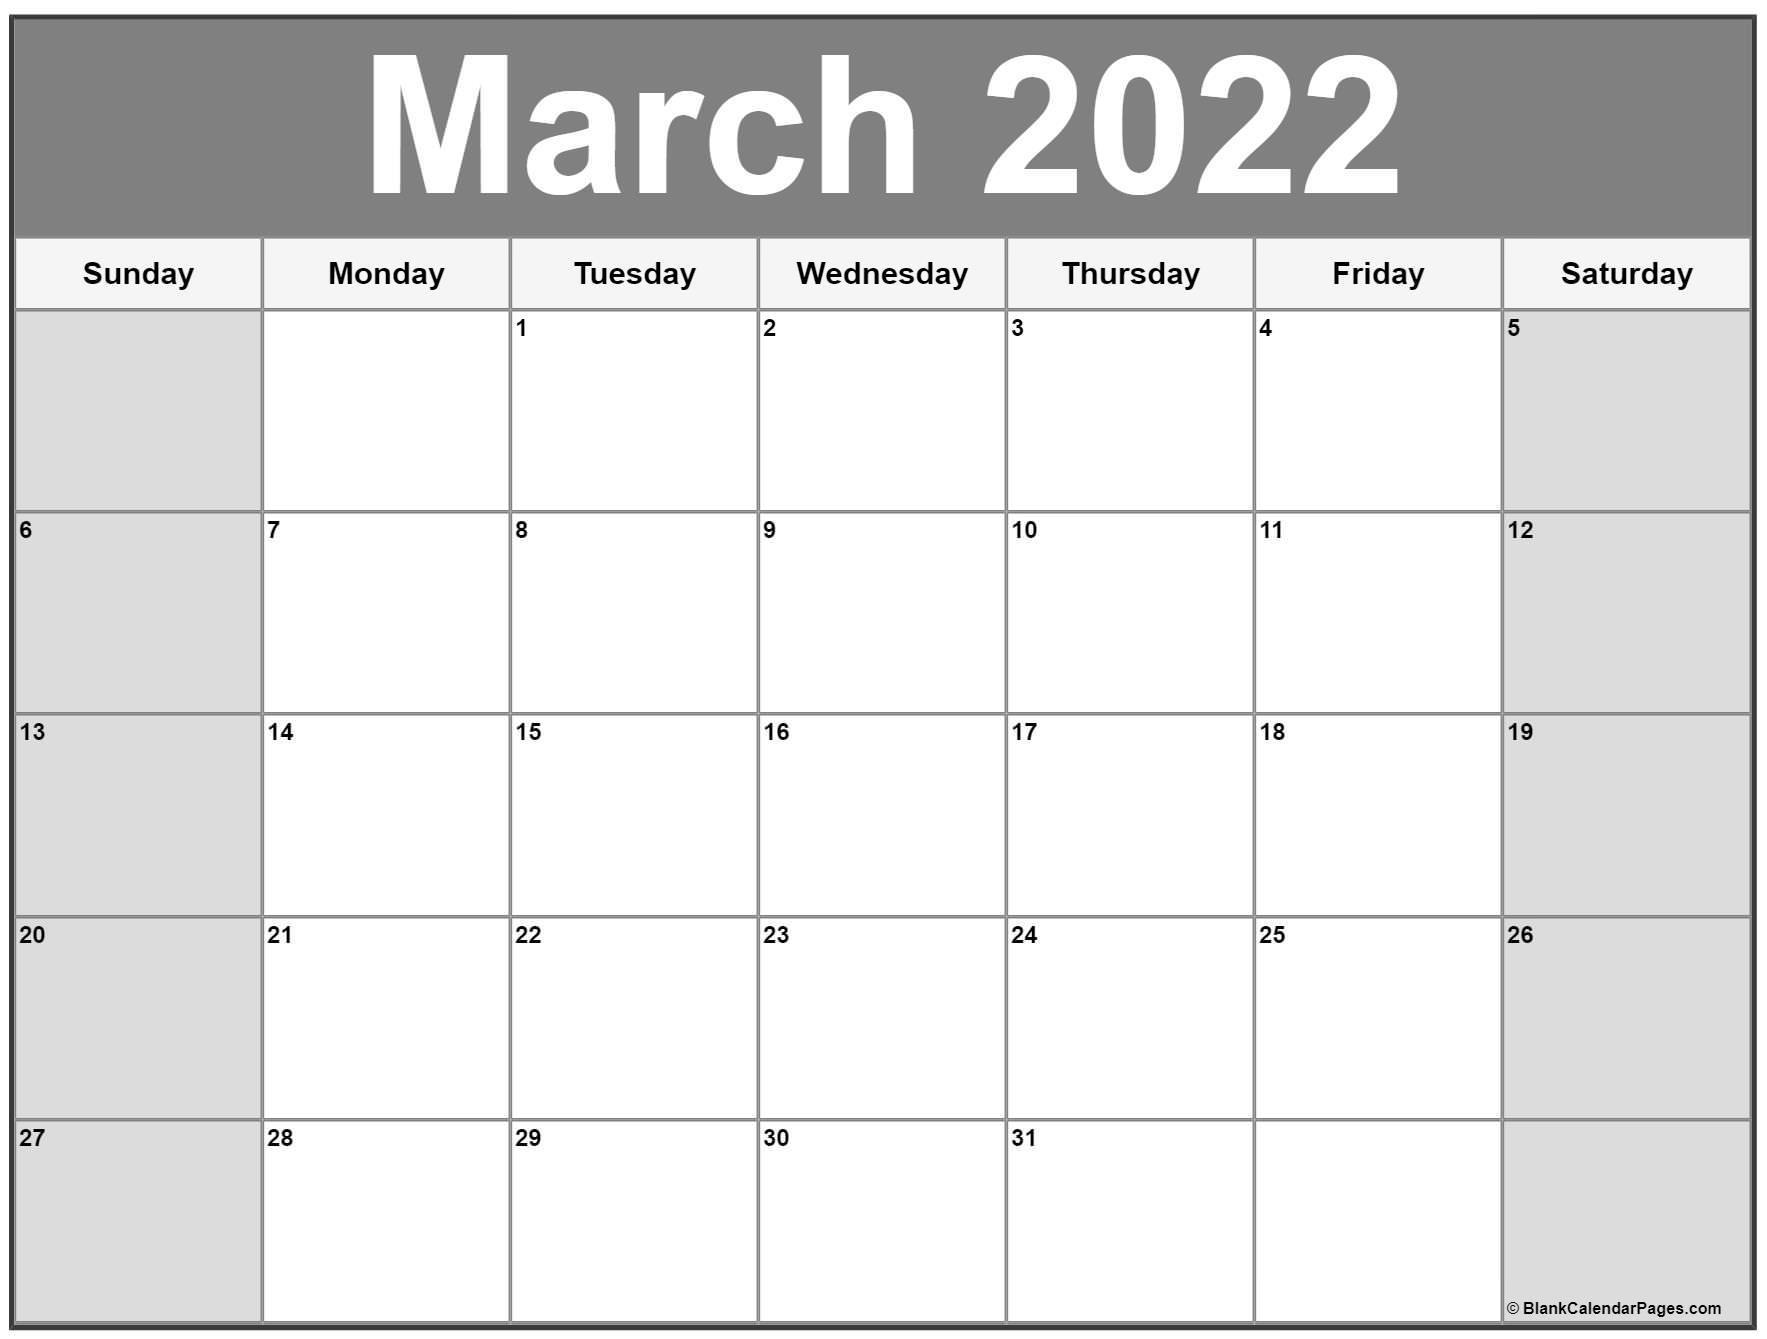 March 2022 Calendar | Free Printable Calendar Templates For Calendar Of March 2022